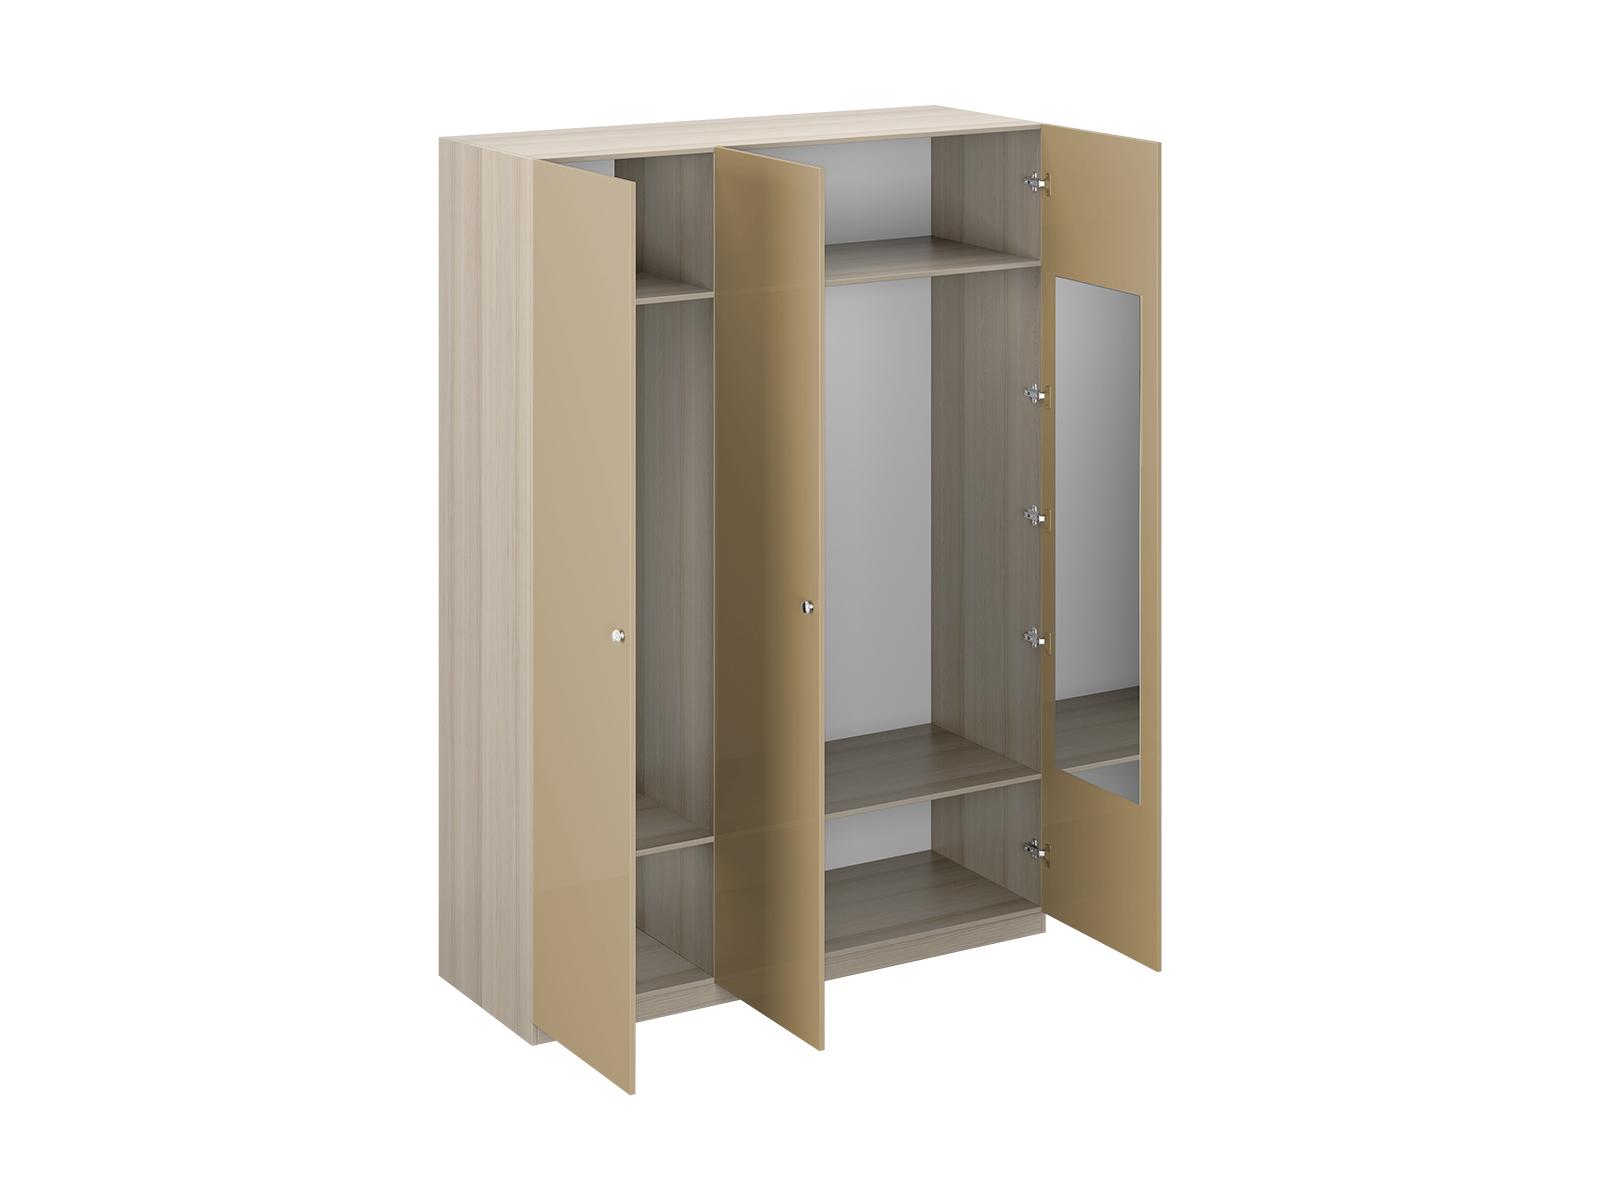 Шкаф Uno Ш3зПлатяные шкафы<br>Шкаф трёхдверный имеет два отделения. Правое отделение всегда широкое, левое – узкое. В отделениях расположены две стационарные верхние и две съемные нижние полки. На одной дверце шкафа с внутренней стороны расположено зеркало. Шкаф установлен на регулируемые опоры. Данную мебель рекомендуется крепить к стене. Ручки и внутренние элементы продаются отдельно.<br><br>Material: ДСП<br>Width см: 165<br>Depth см: 60<br>Height см: 233